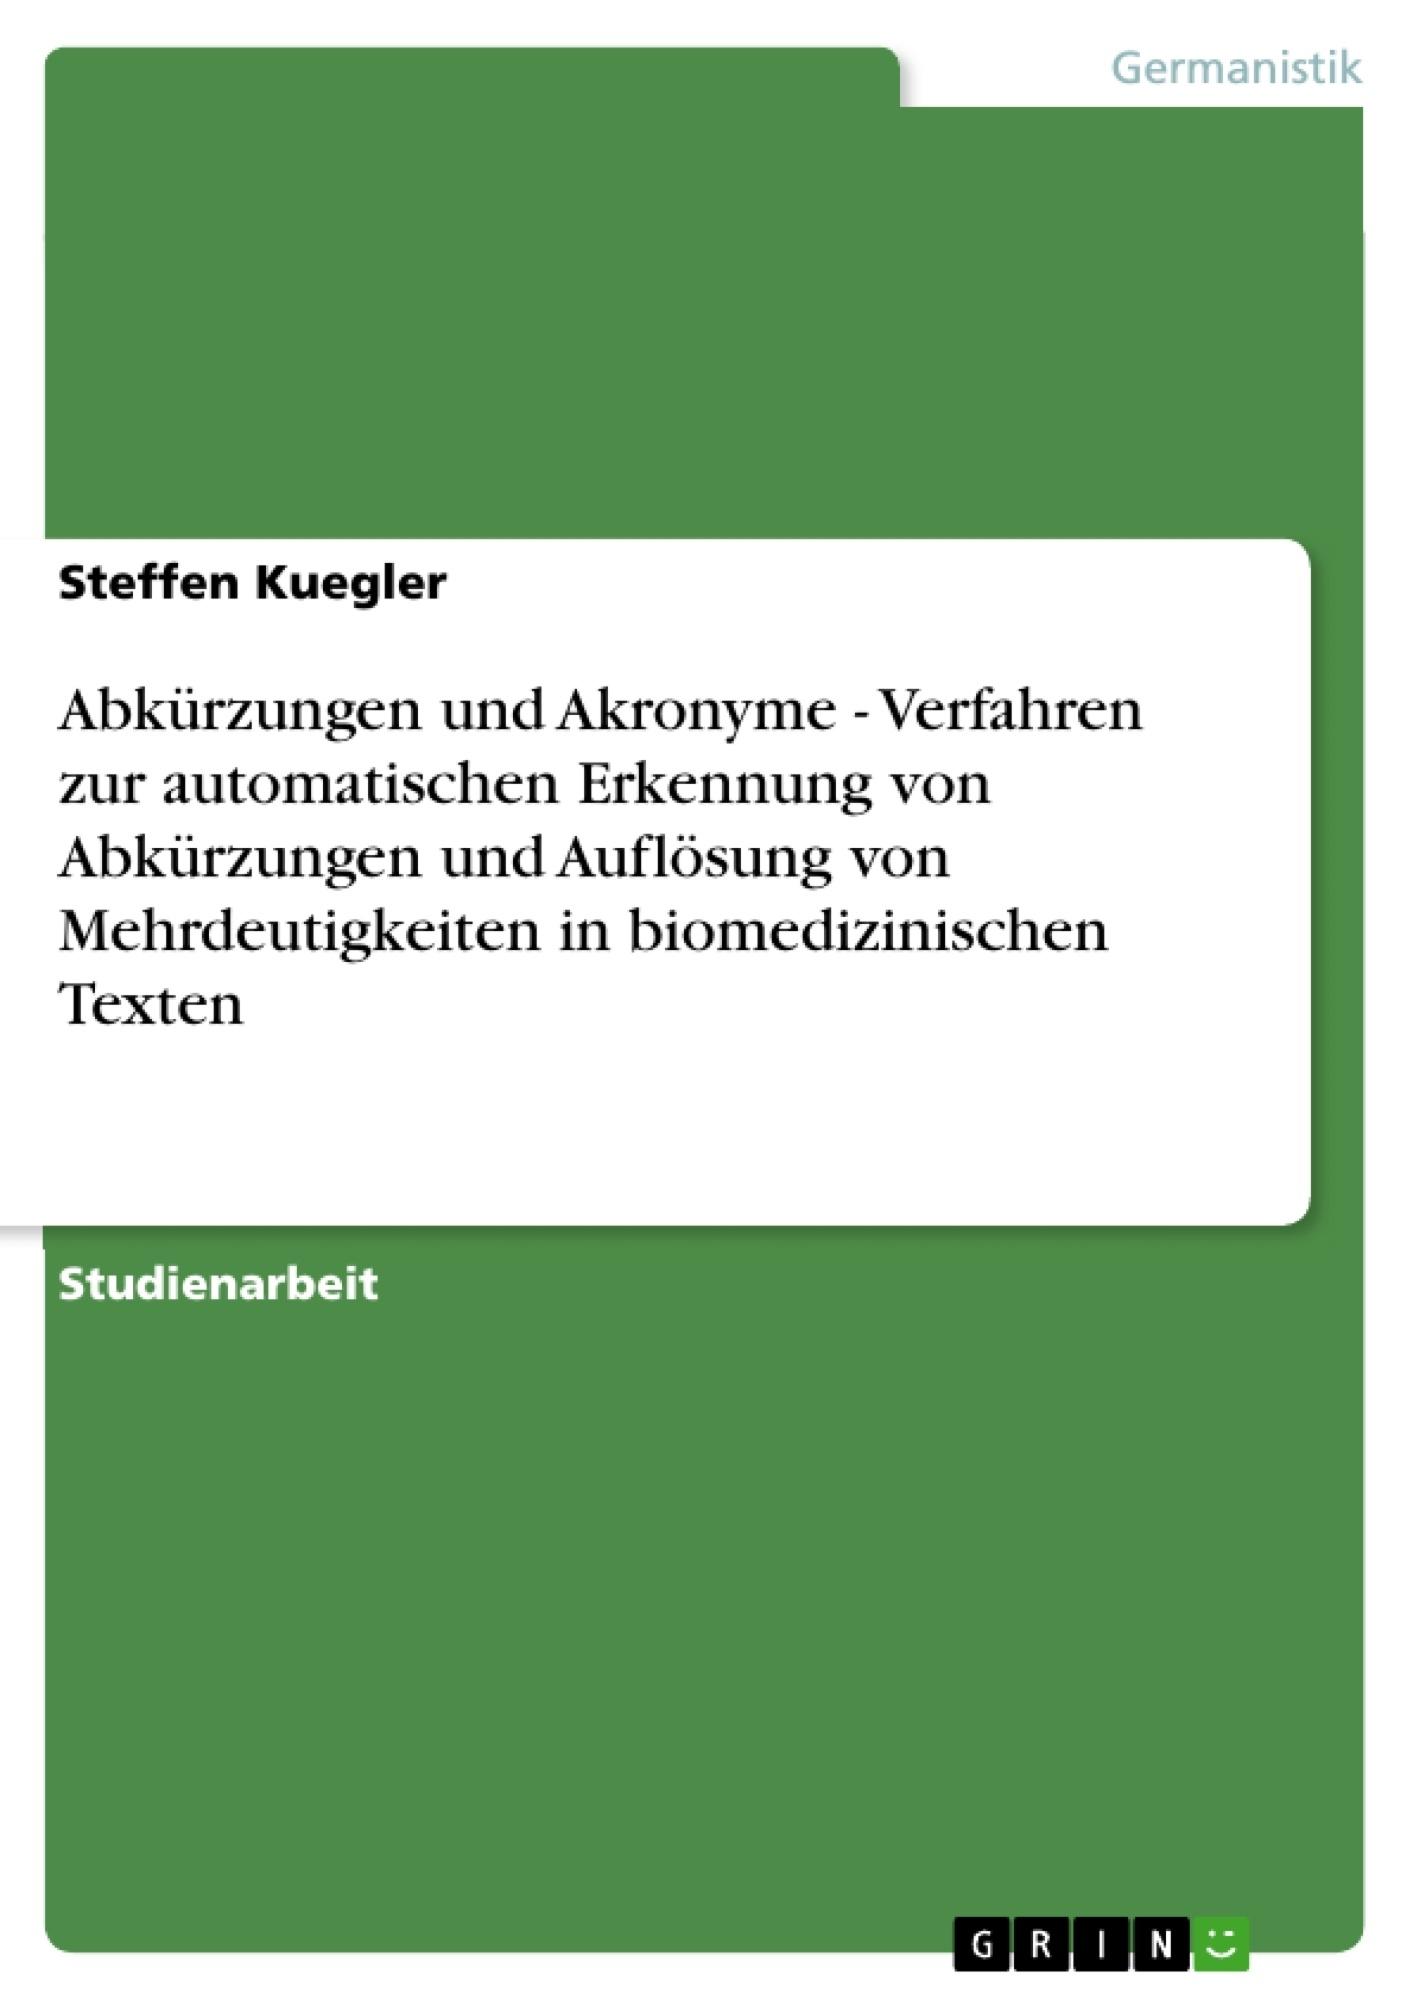 Titel: Abkürzungen und Akronyme - Verfahren zur automatischen Erkennung von Abkürzungen und Auflösung von Mehrdeutigkeiten in biomedizinischen Texten